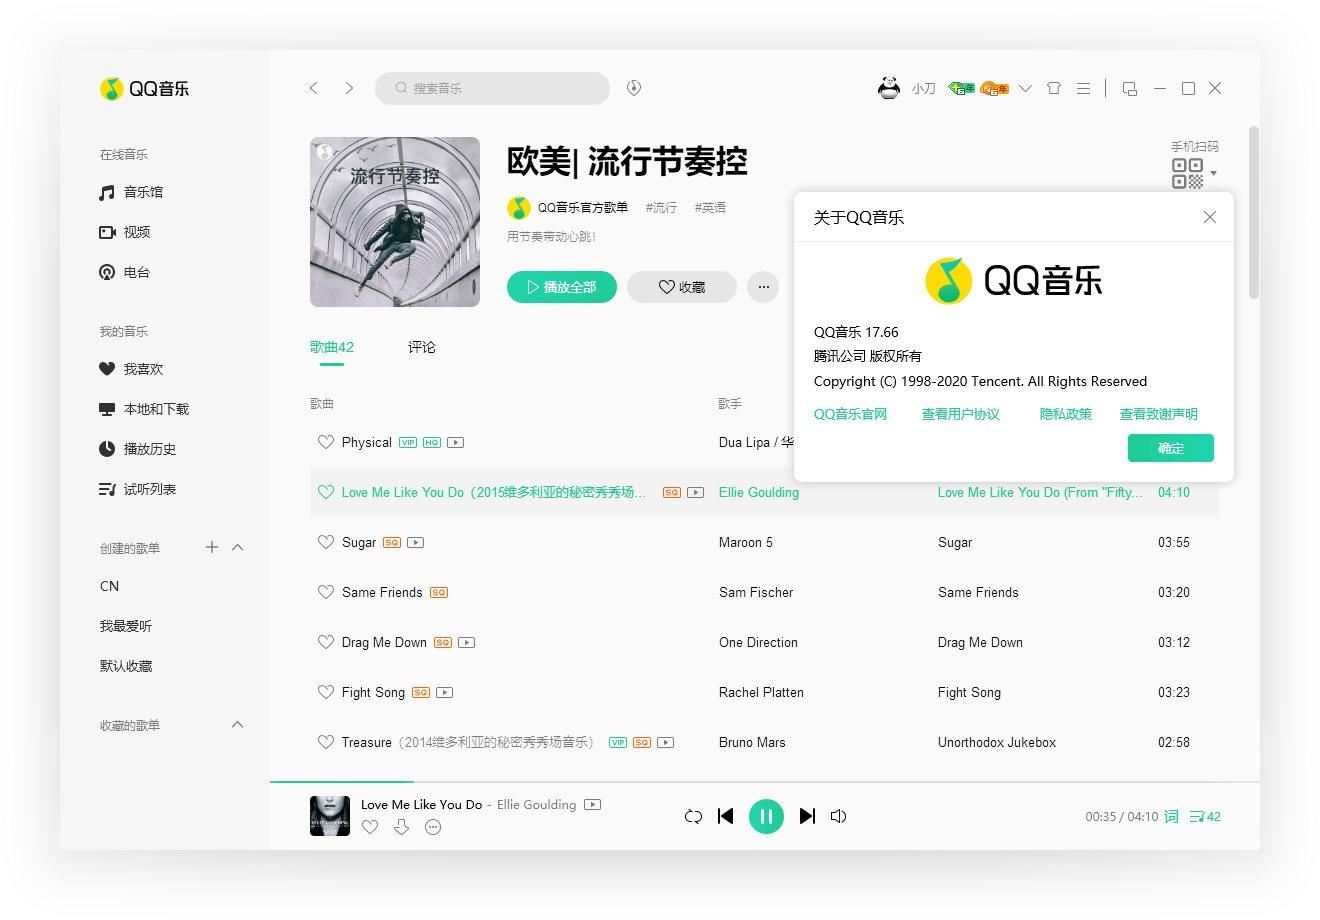 QQ音乐PC客户端v18.11.0.0